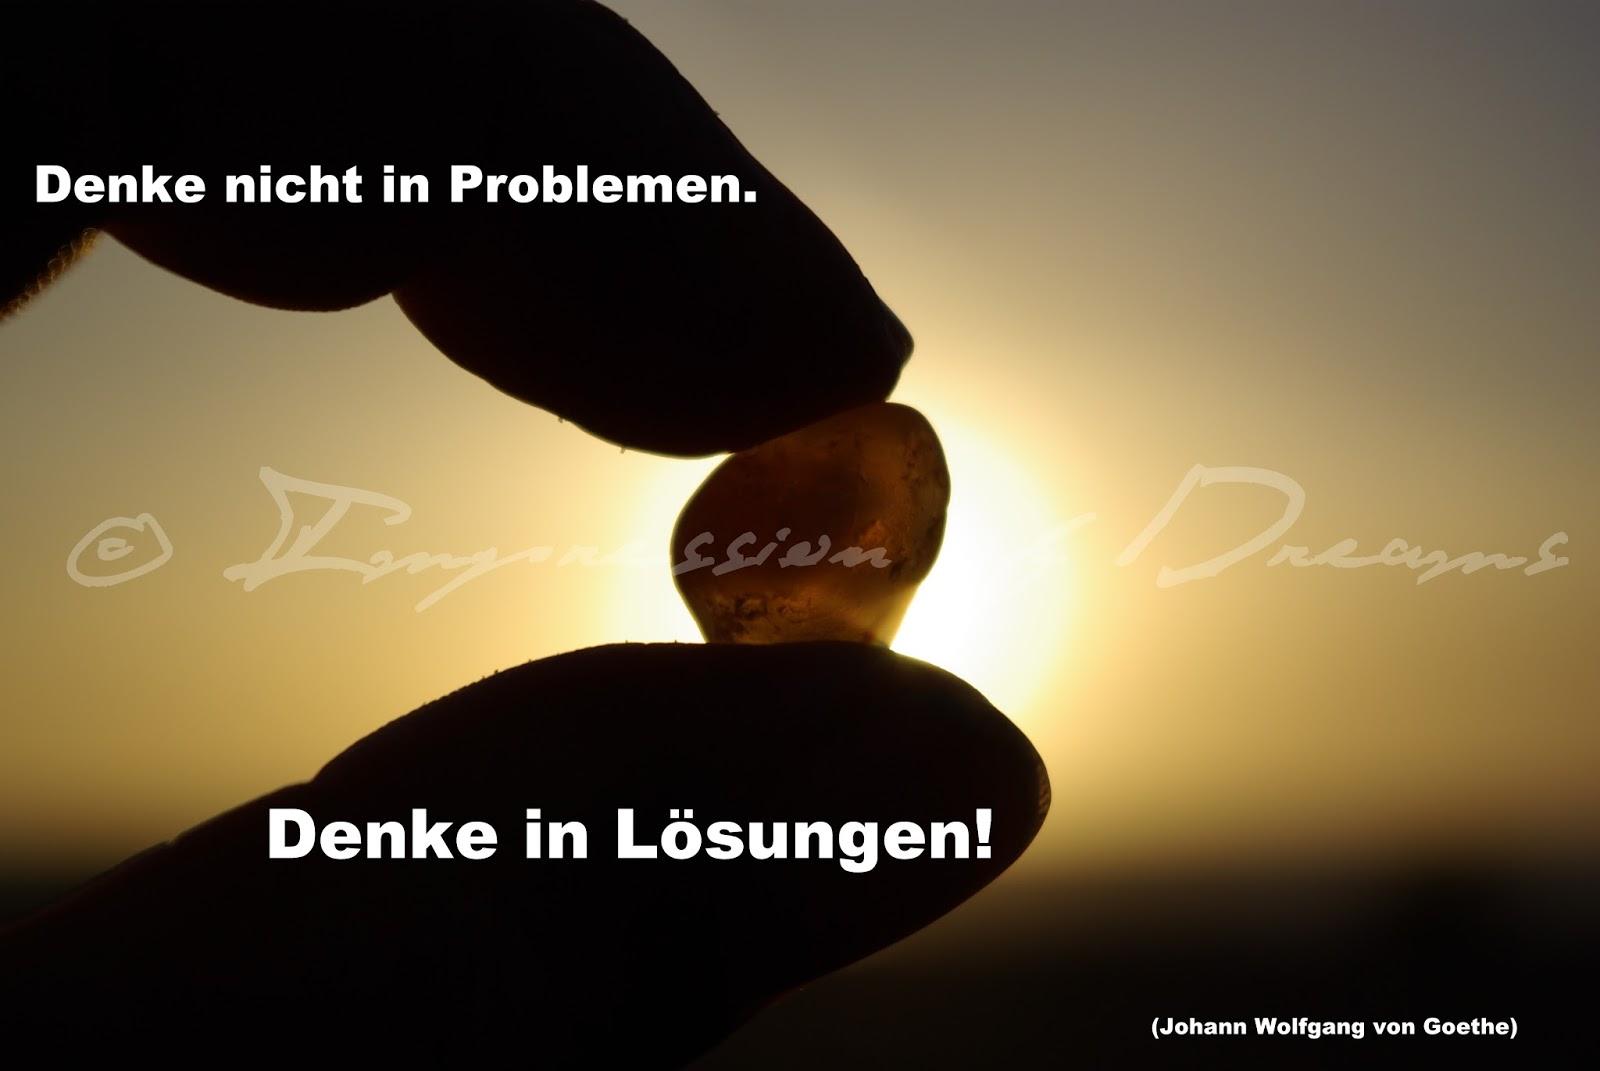 Denke nicht in Problemen. Denke in Lösungen!